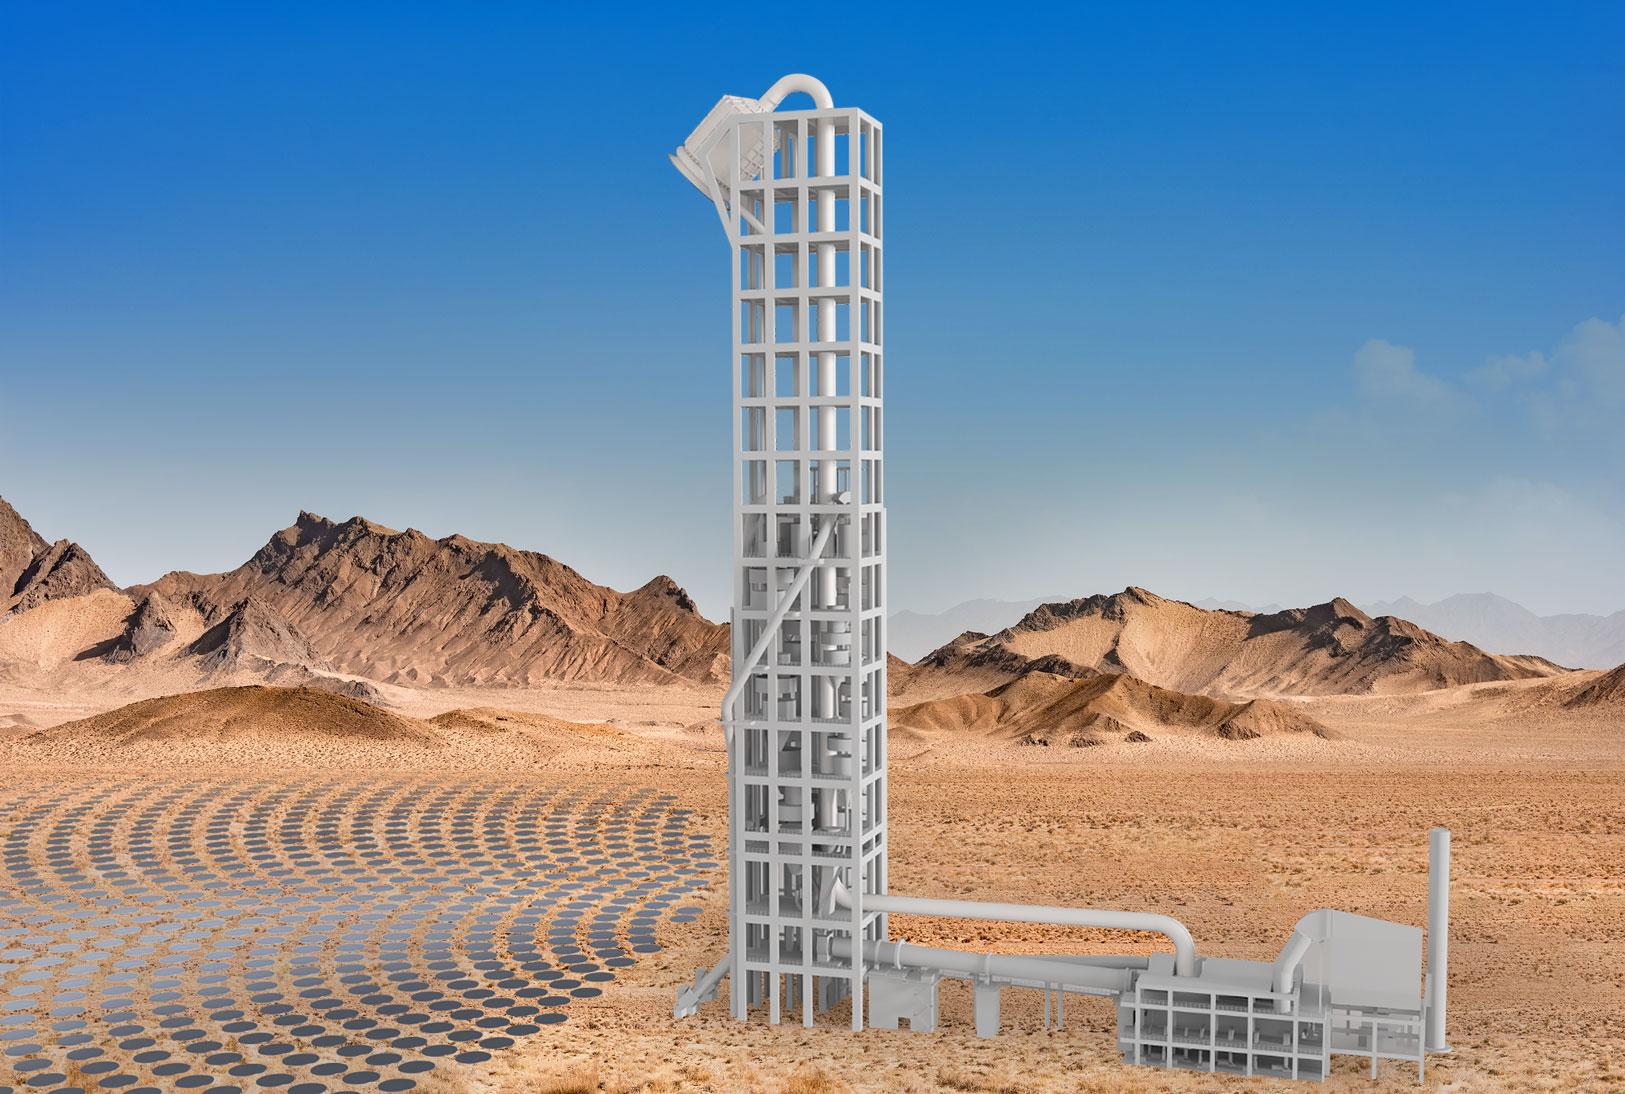 Modell eines Zementwerks mit Solarturm, der Hochtemperatur-Prozesswärme liefert. (Foto: Synhelion SA)